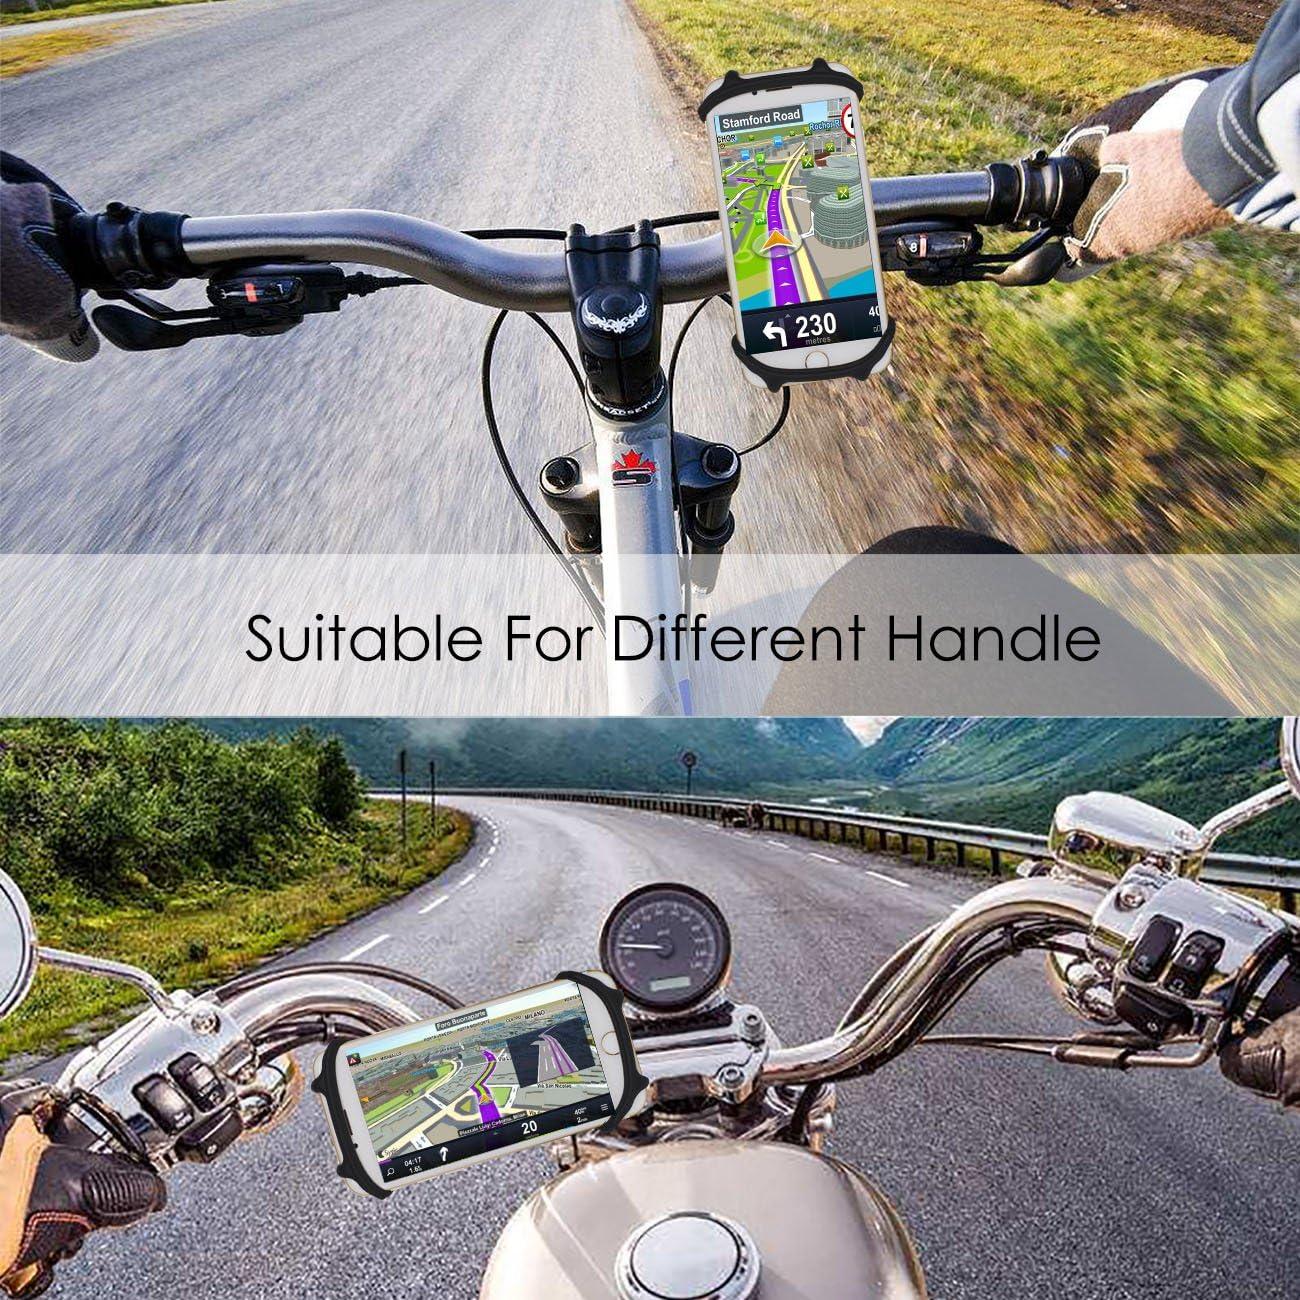 kolpop Soporte M/óvil Bici Soporte Telefono Universal Manillar de Silicona para Bicicleta Moto Compatible con iPhone X 8 7 6 Plus//Samsung Galaxy S9 S8 Plus S7 y 4.5-6.0 Smartphones